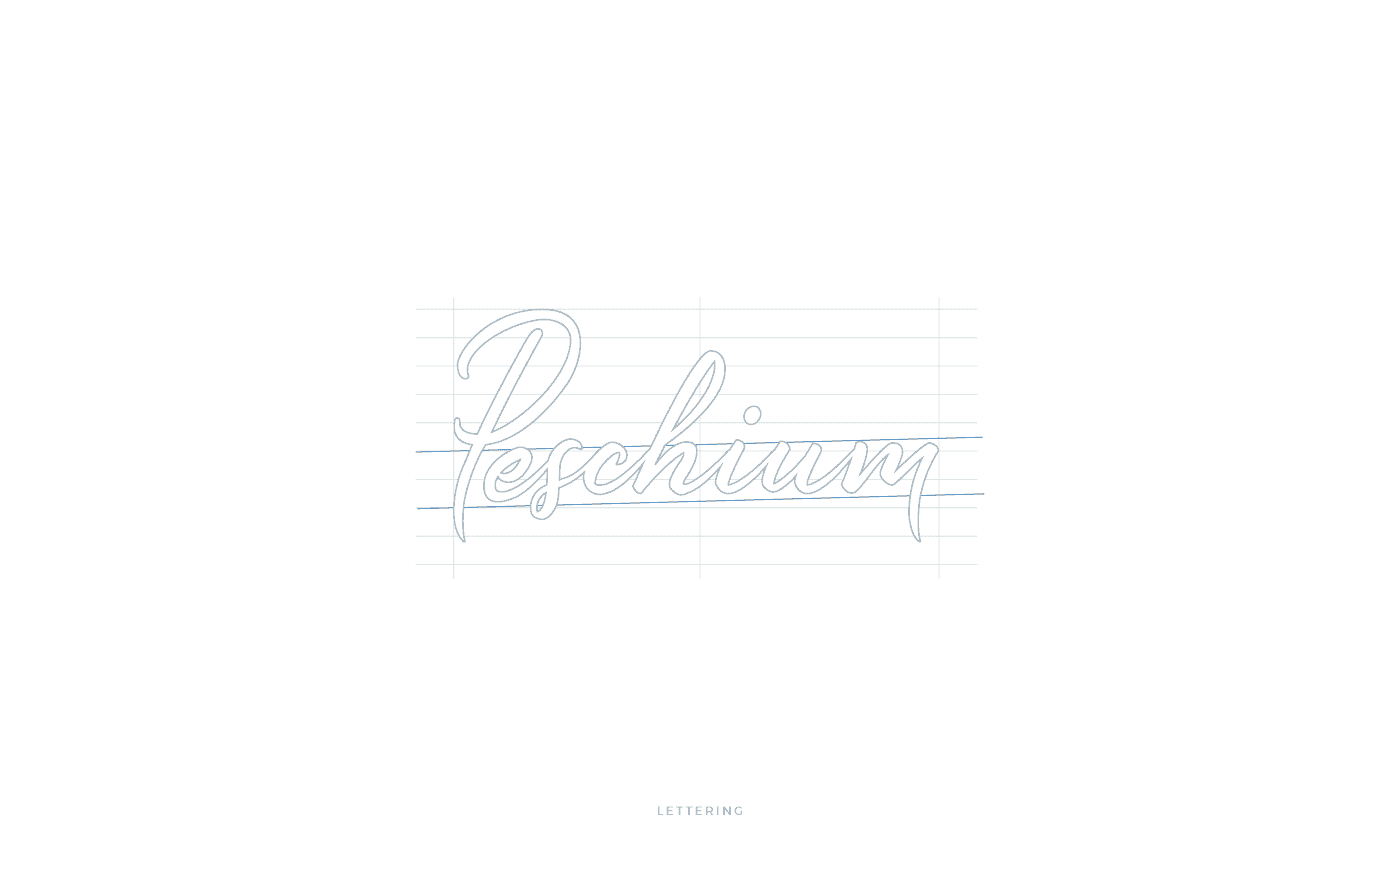 Peschium logo lettering